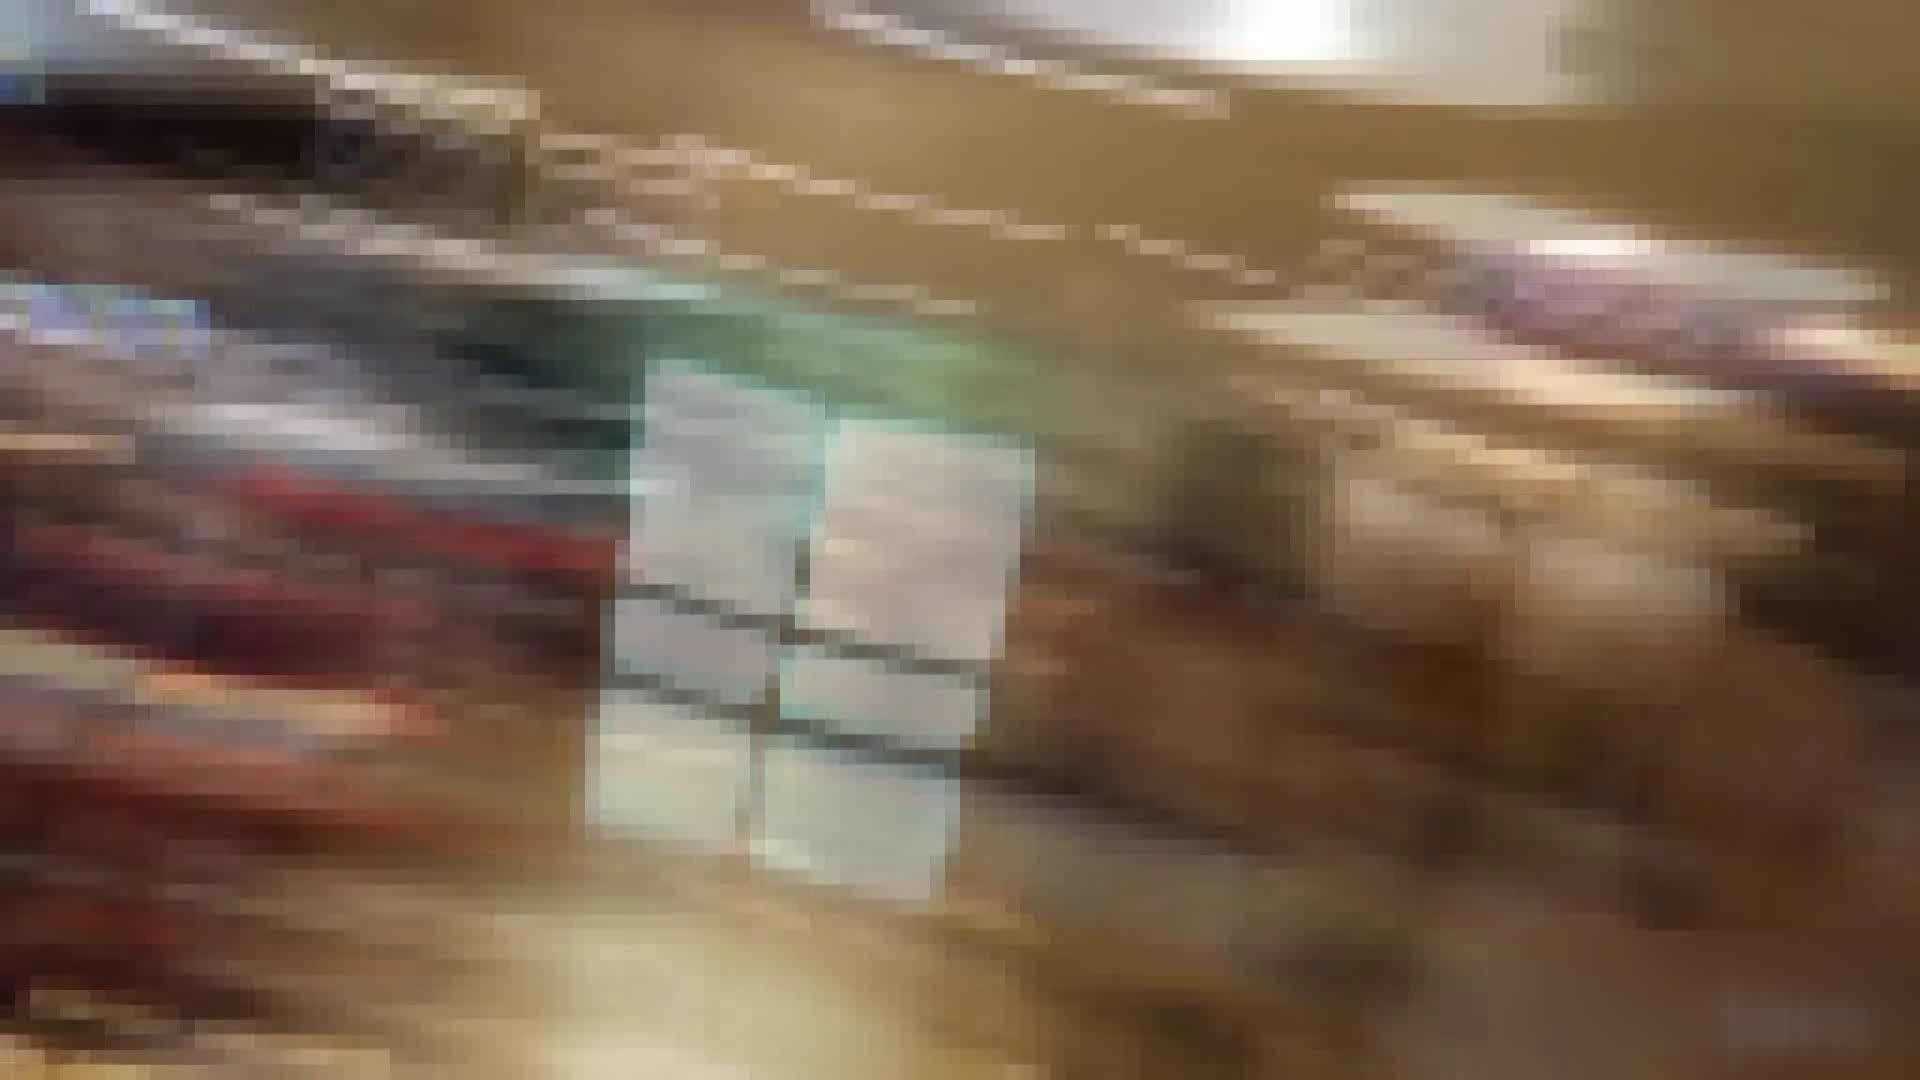 ガールズパンチラストリートビューVol.011 ギャルのエロ動画 | パンチラのぞき  88画像 77